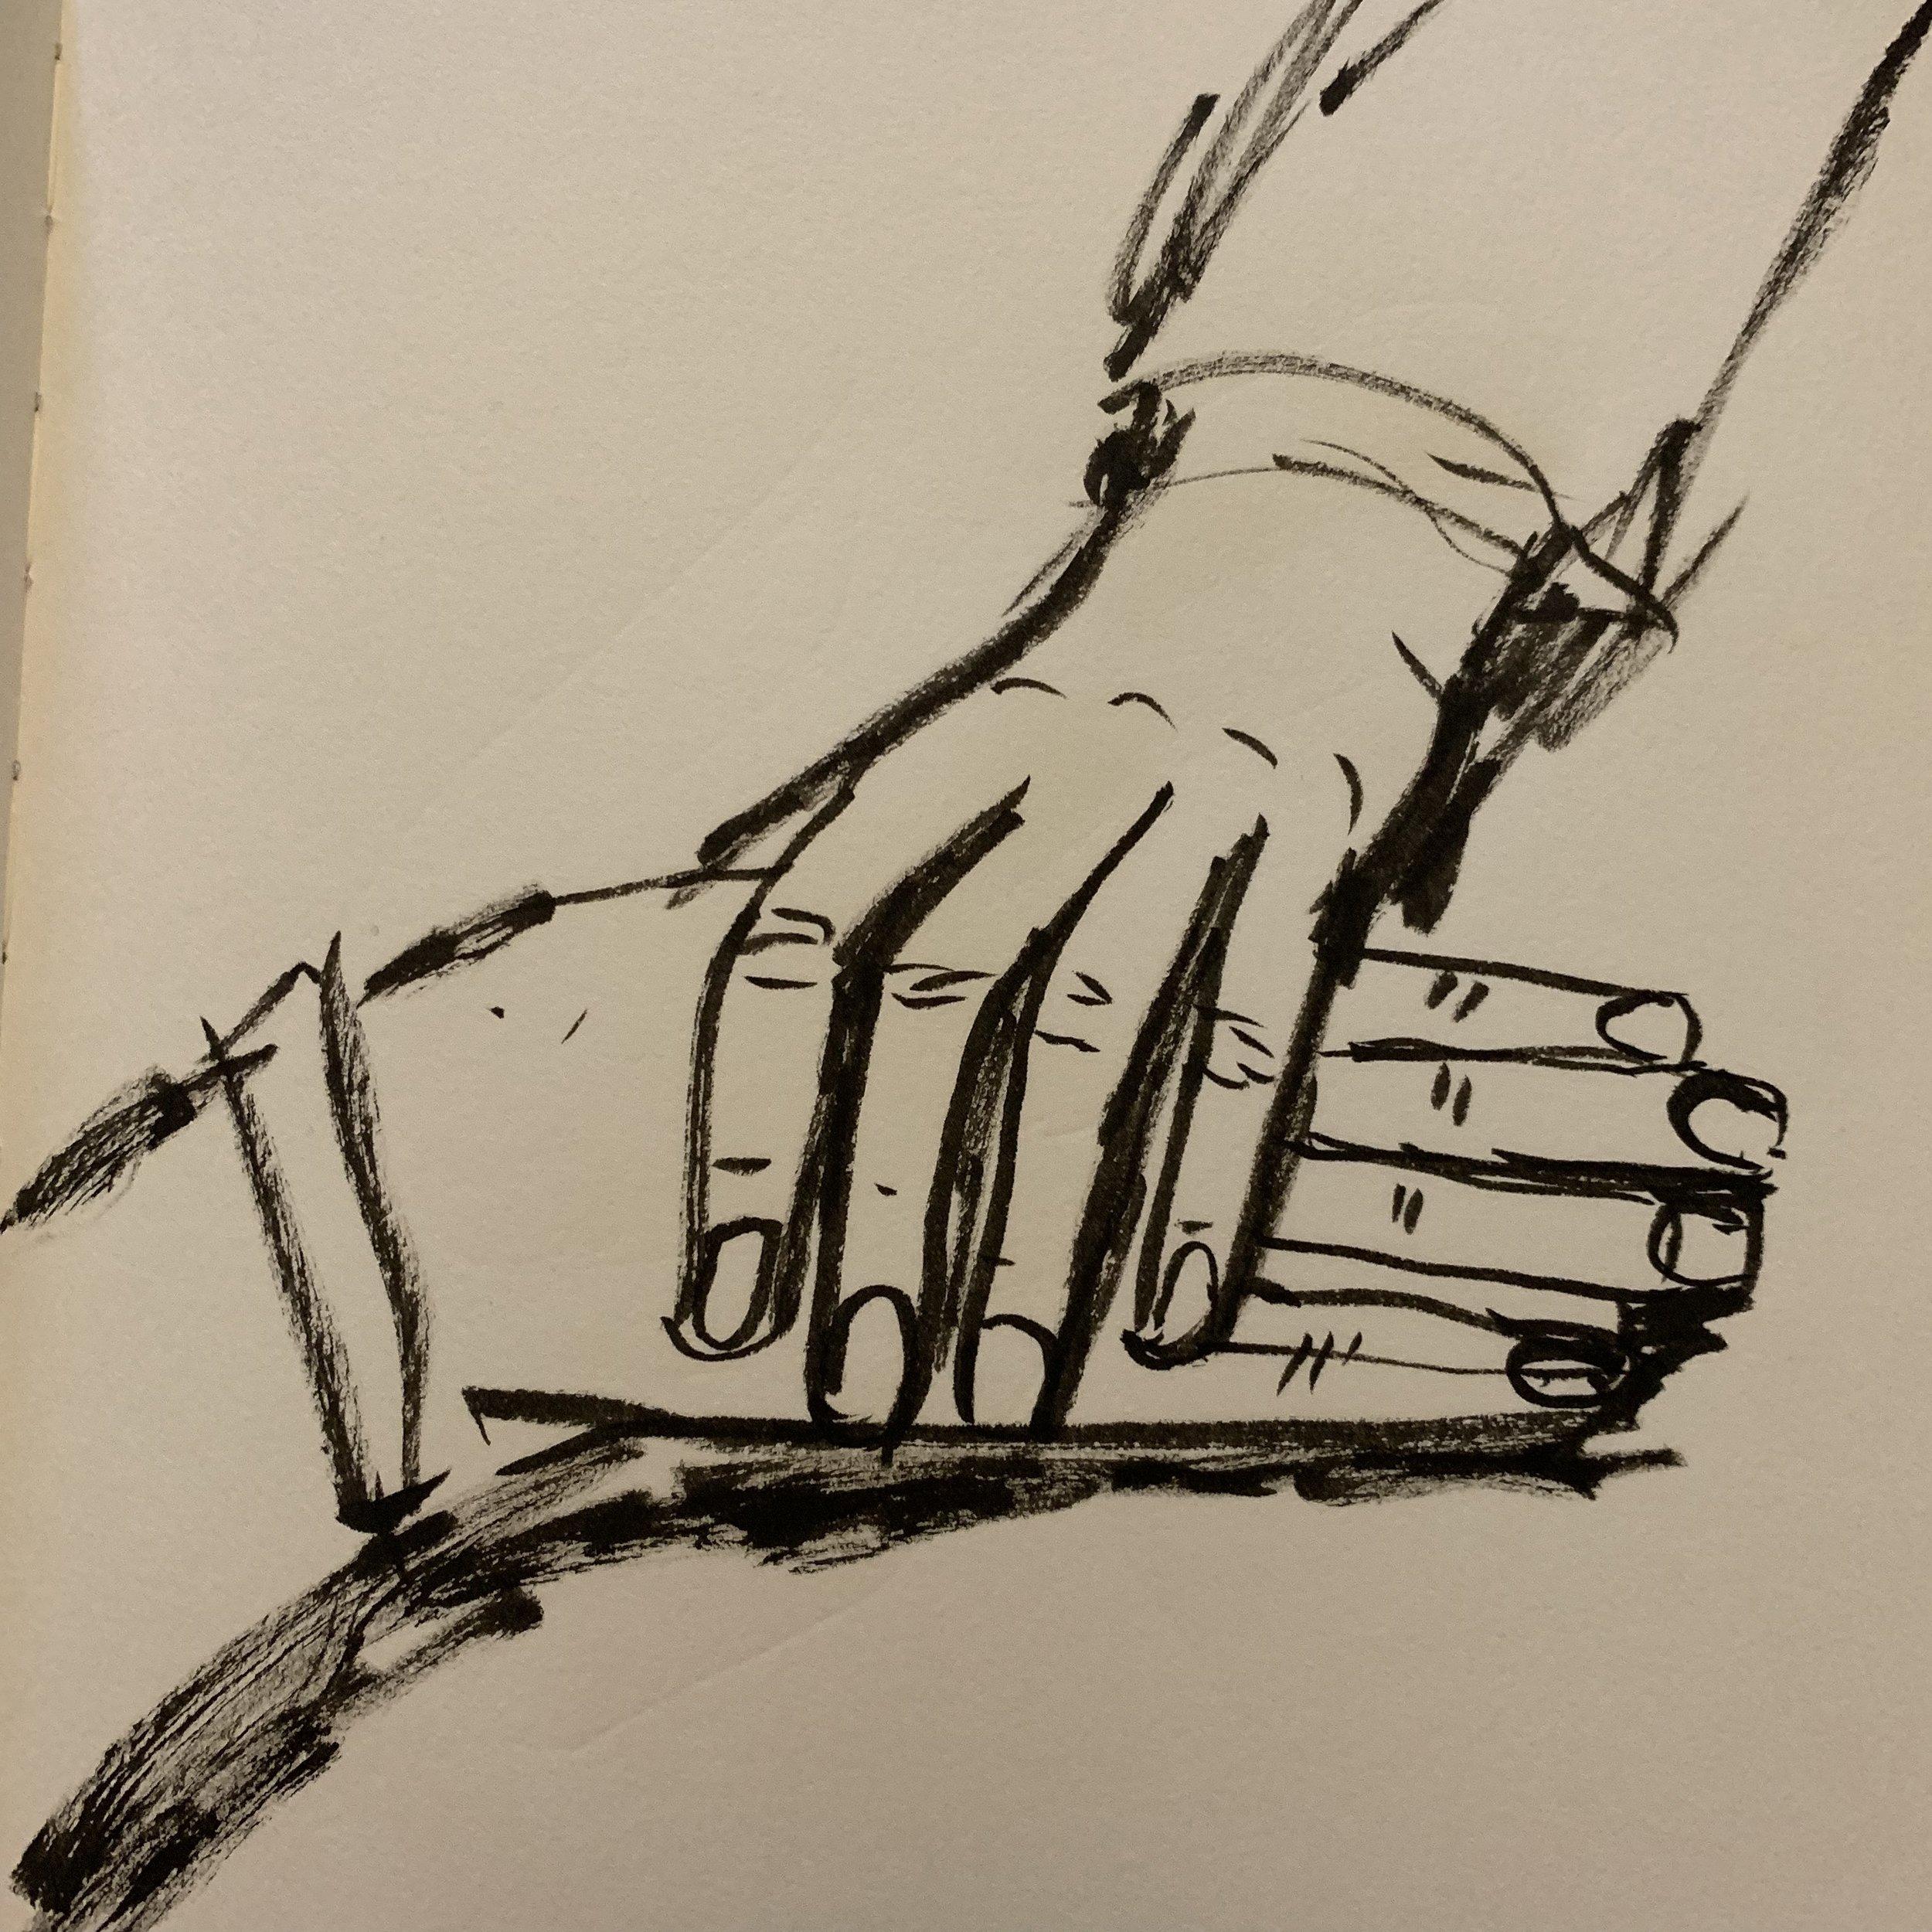 Matty's hands.